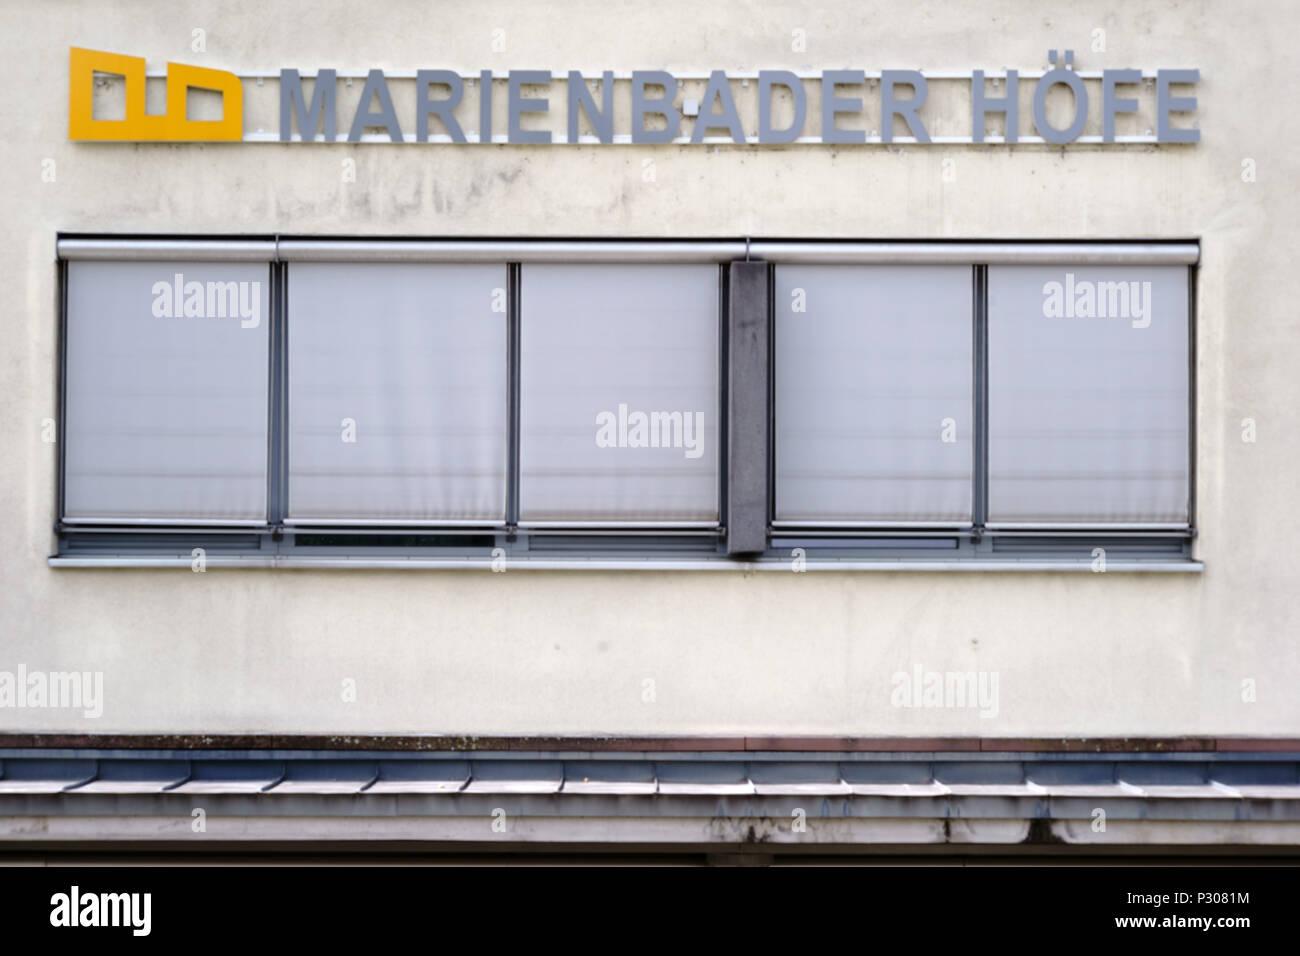 Bad Homburg, Alemania - 19 de mayo de 2018: los complejos residenciales y de oficinas Marienbader Hoefe en el centro de la ciudad el 19 de mayo de 2018, en Bad Homburg. Foto de stock